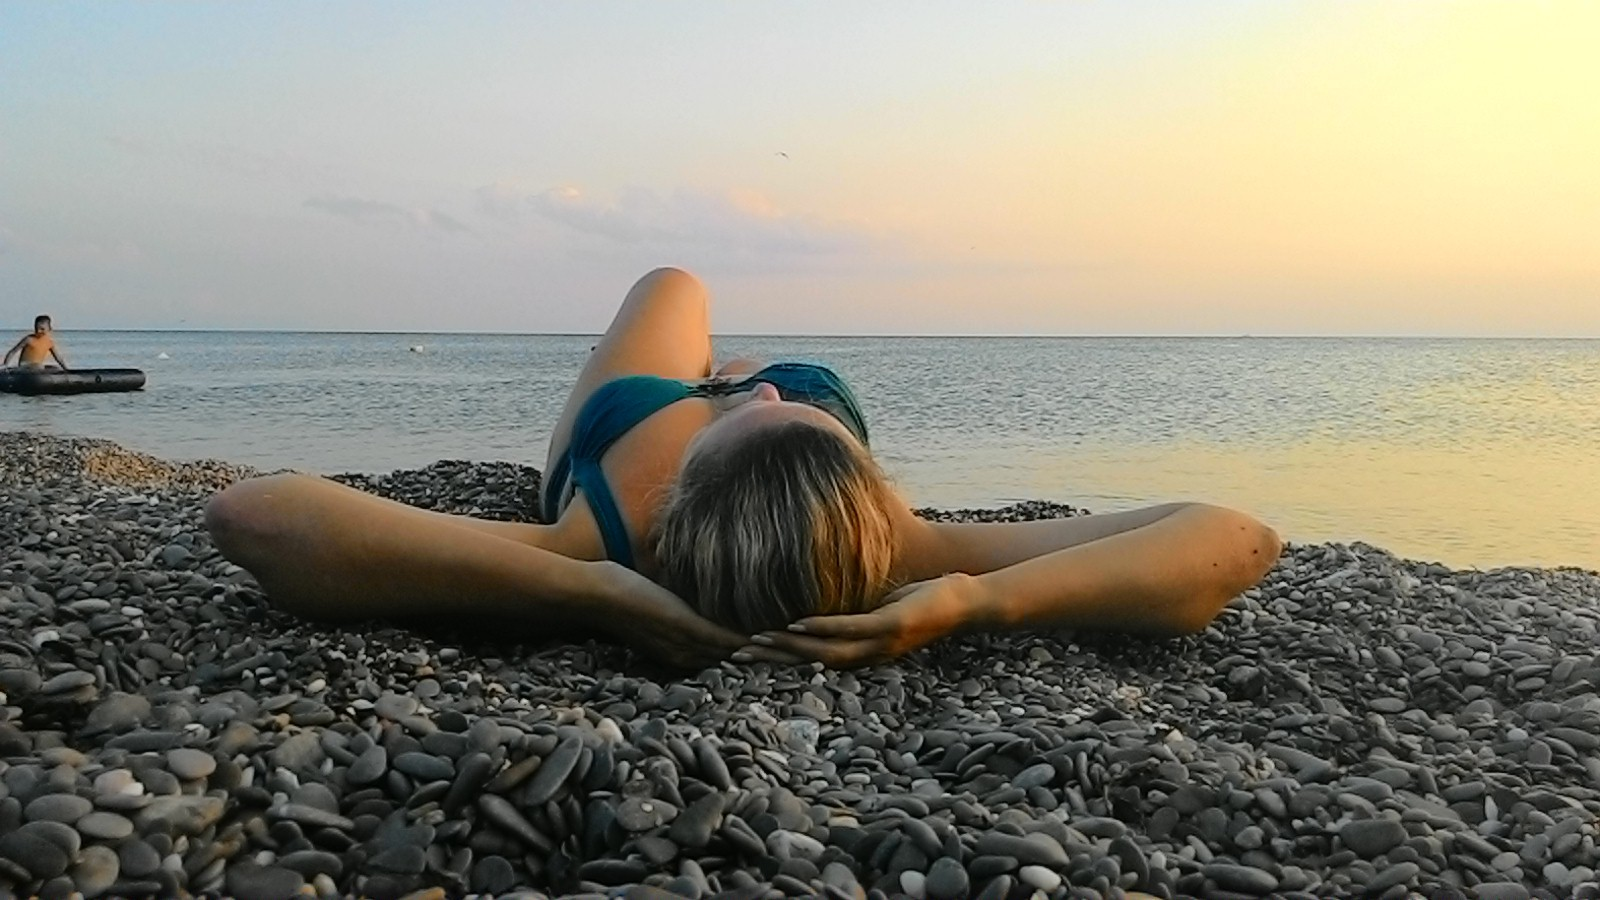 фото на галечном пляже идеи фотографируйте жующих людей